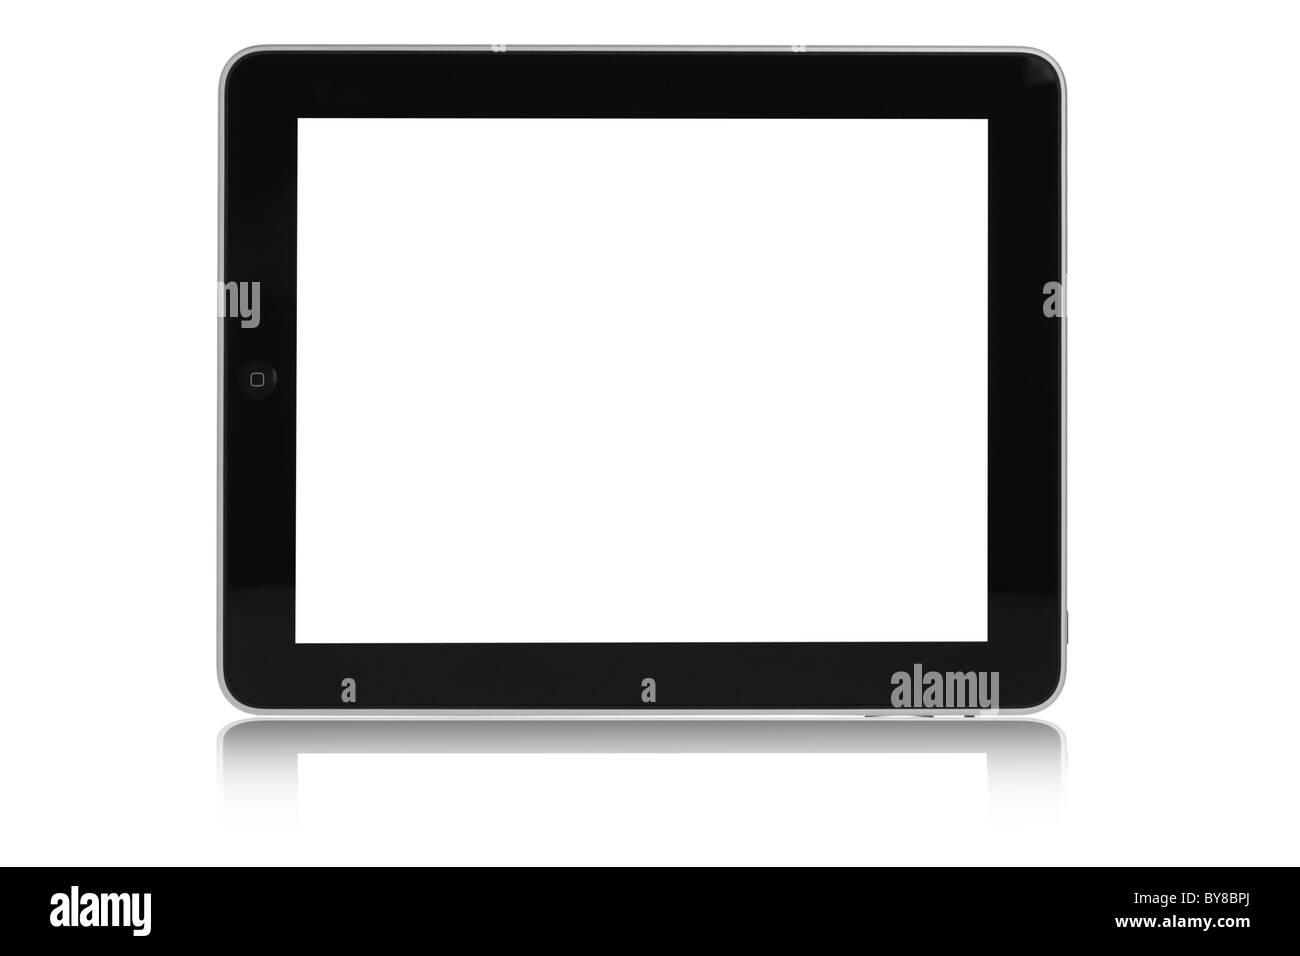 Apple ipad recorte en fondo blanco con pantalla en blanco Imagen De Stock